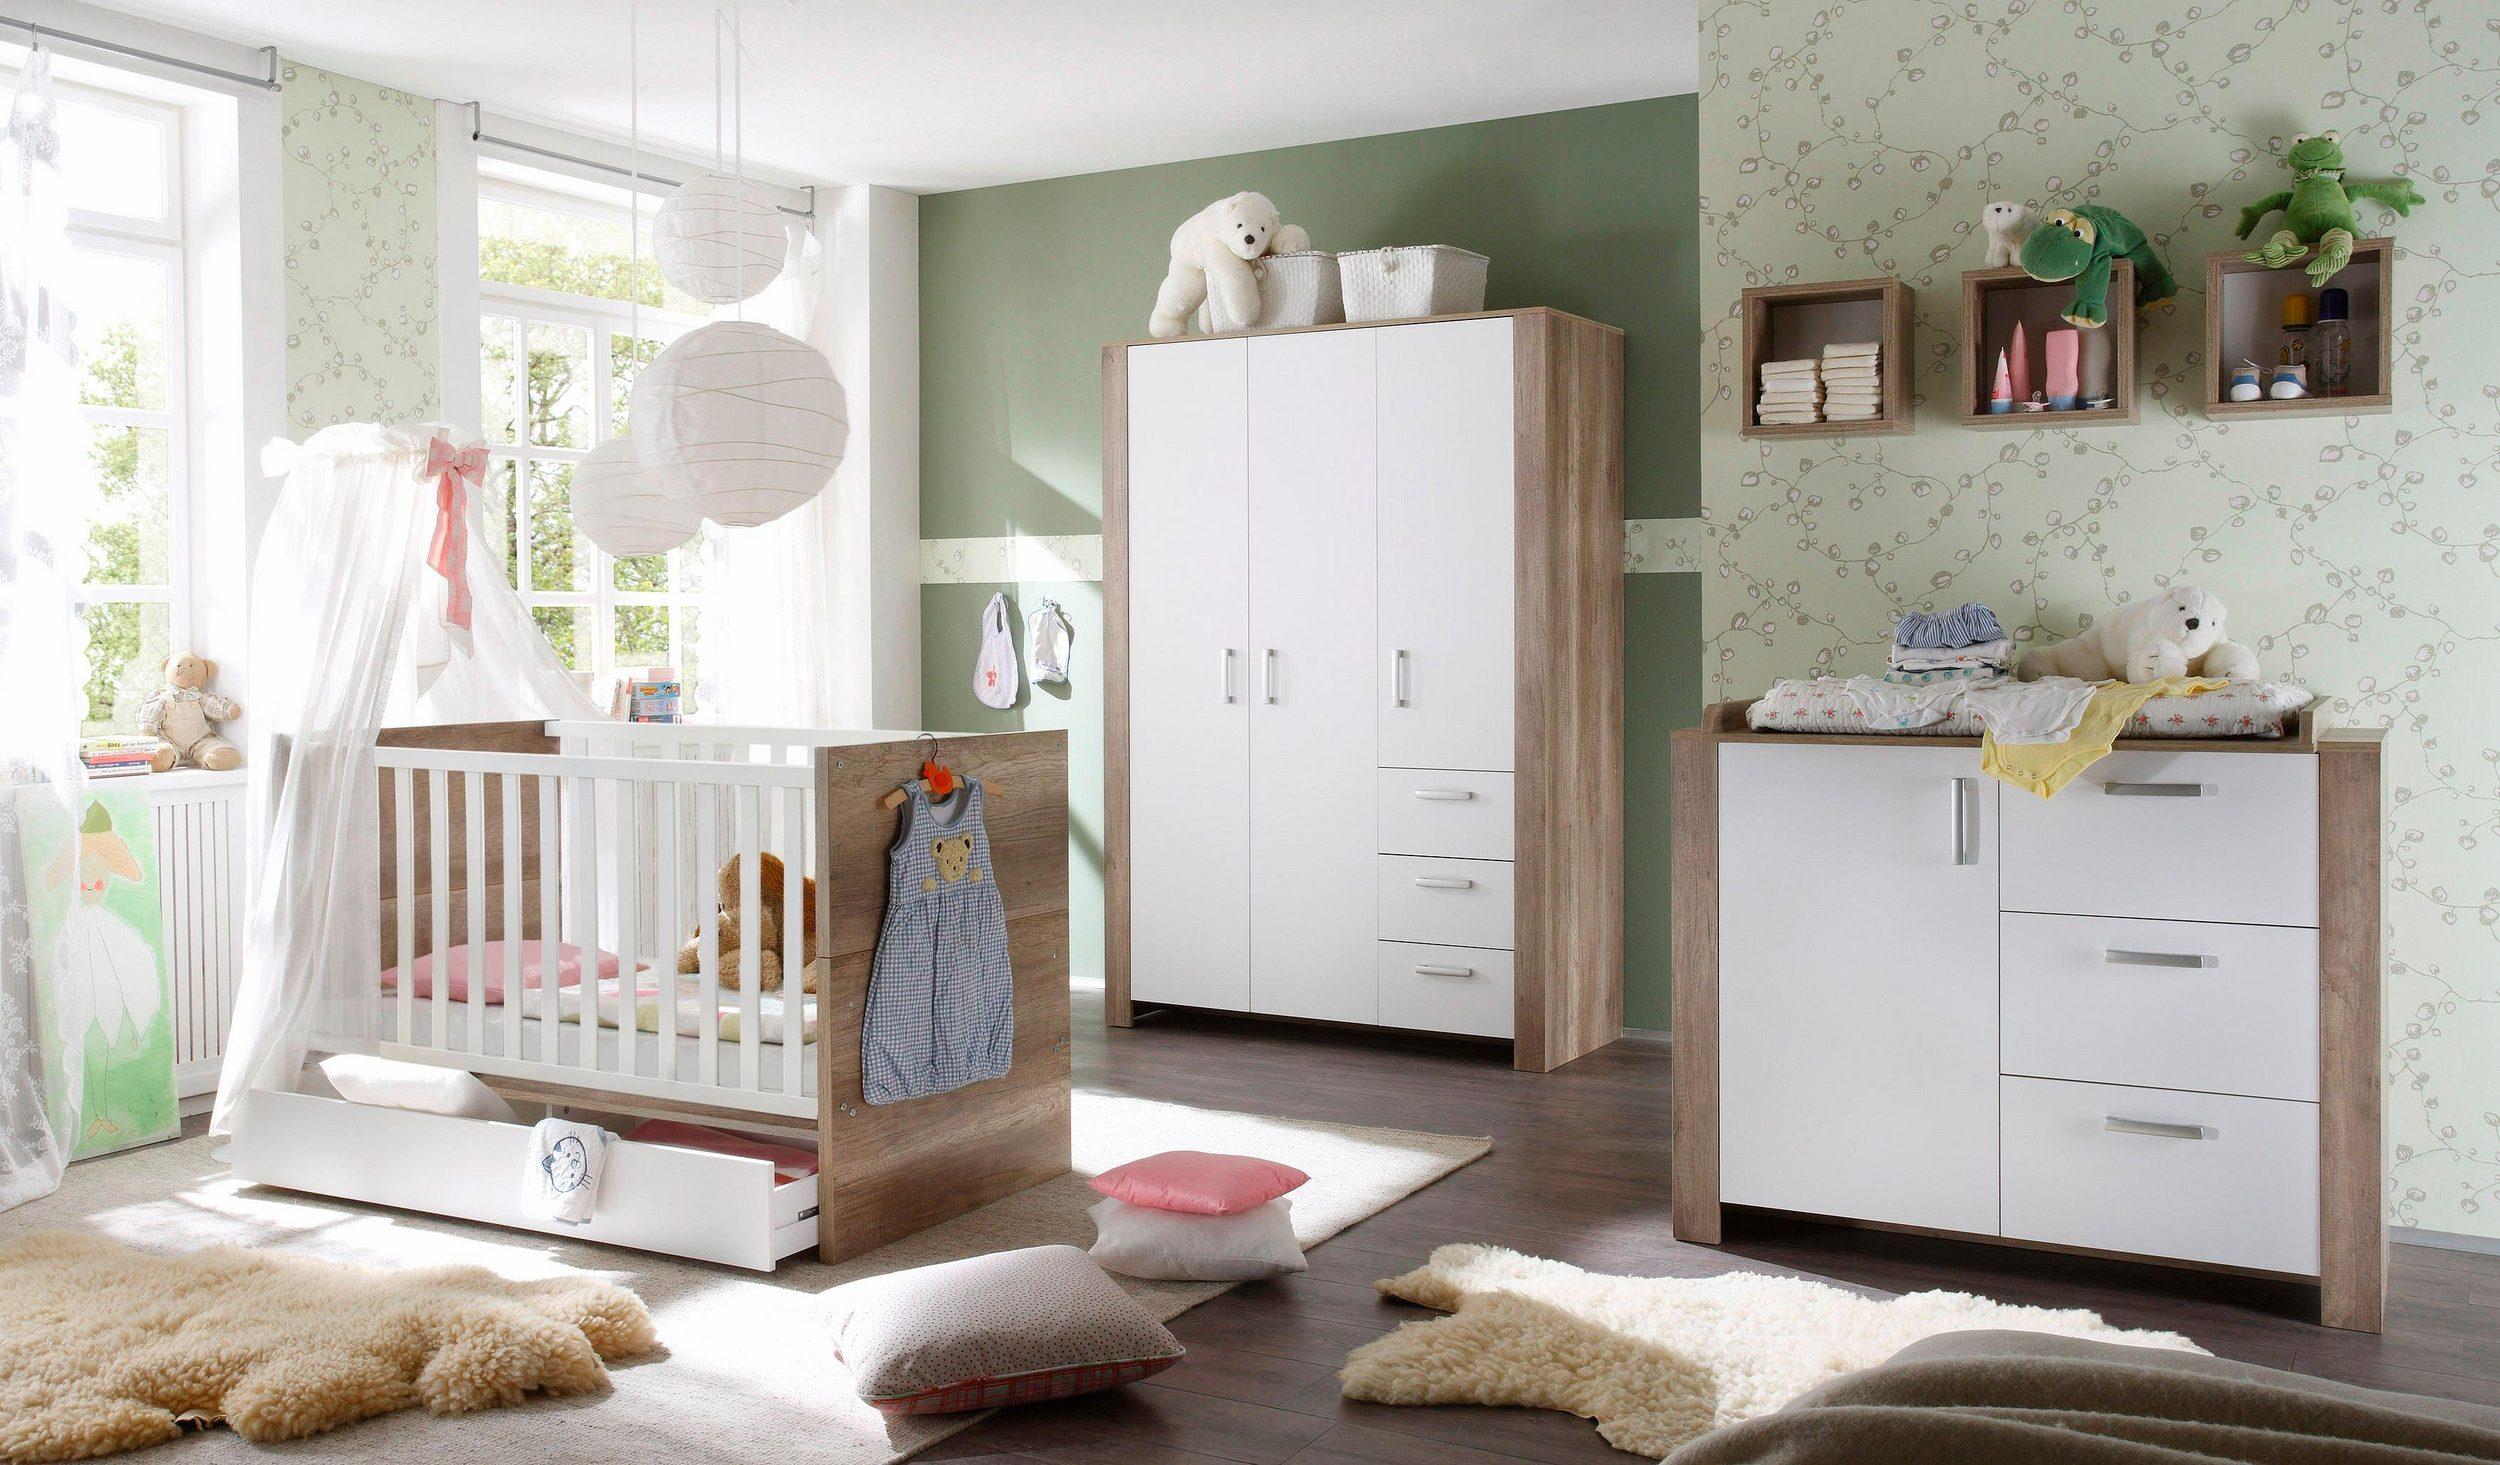 Babyzimmer gestalten einrichten sch ne ideen tipps - Otto babyzimmer ...